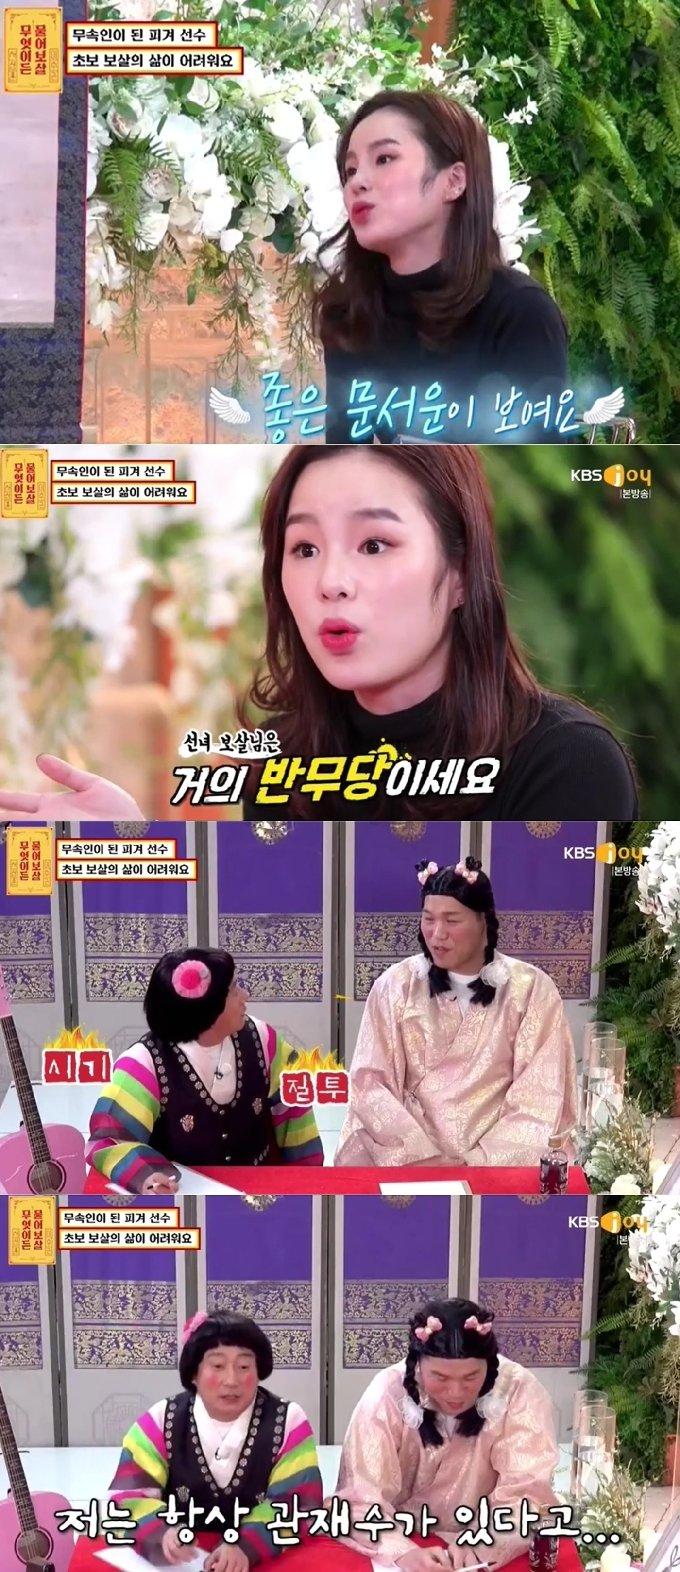 KBS Joy 예능 '무엇이든 물어보살' 방송화면 갈무리 © 뉴스1